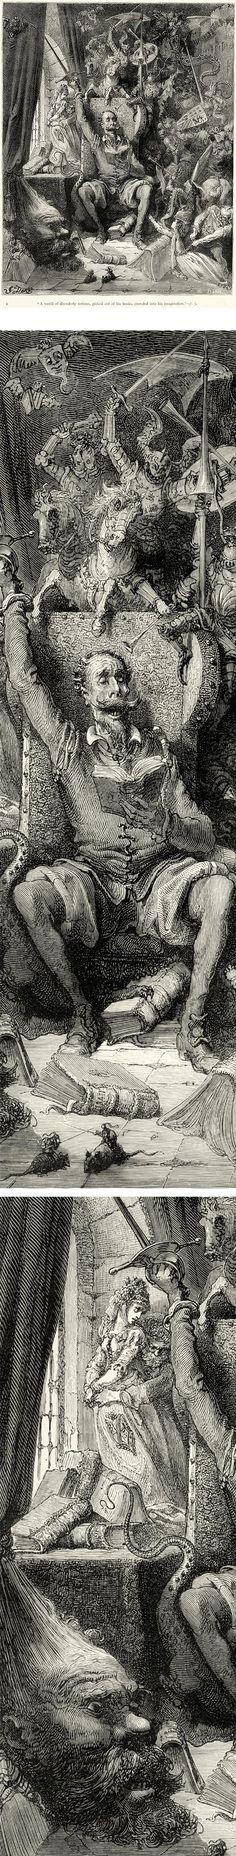 Miguel de Cervantes en los ojos de Gustave Doré.